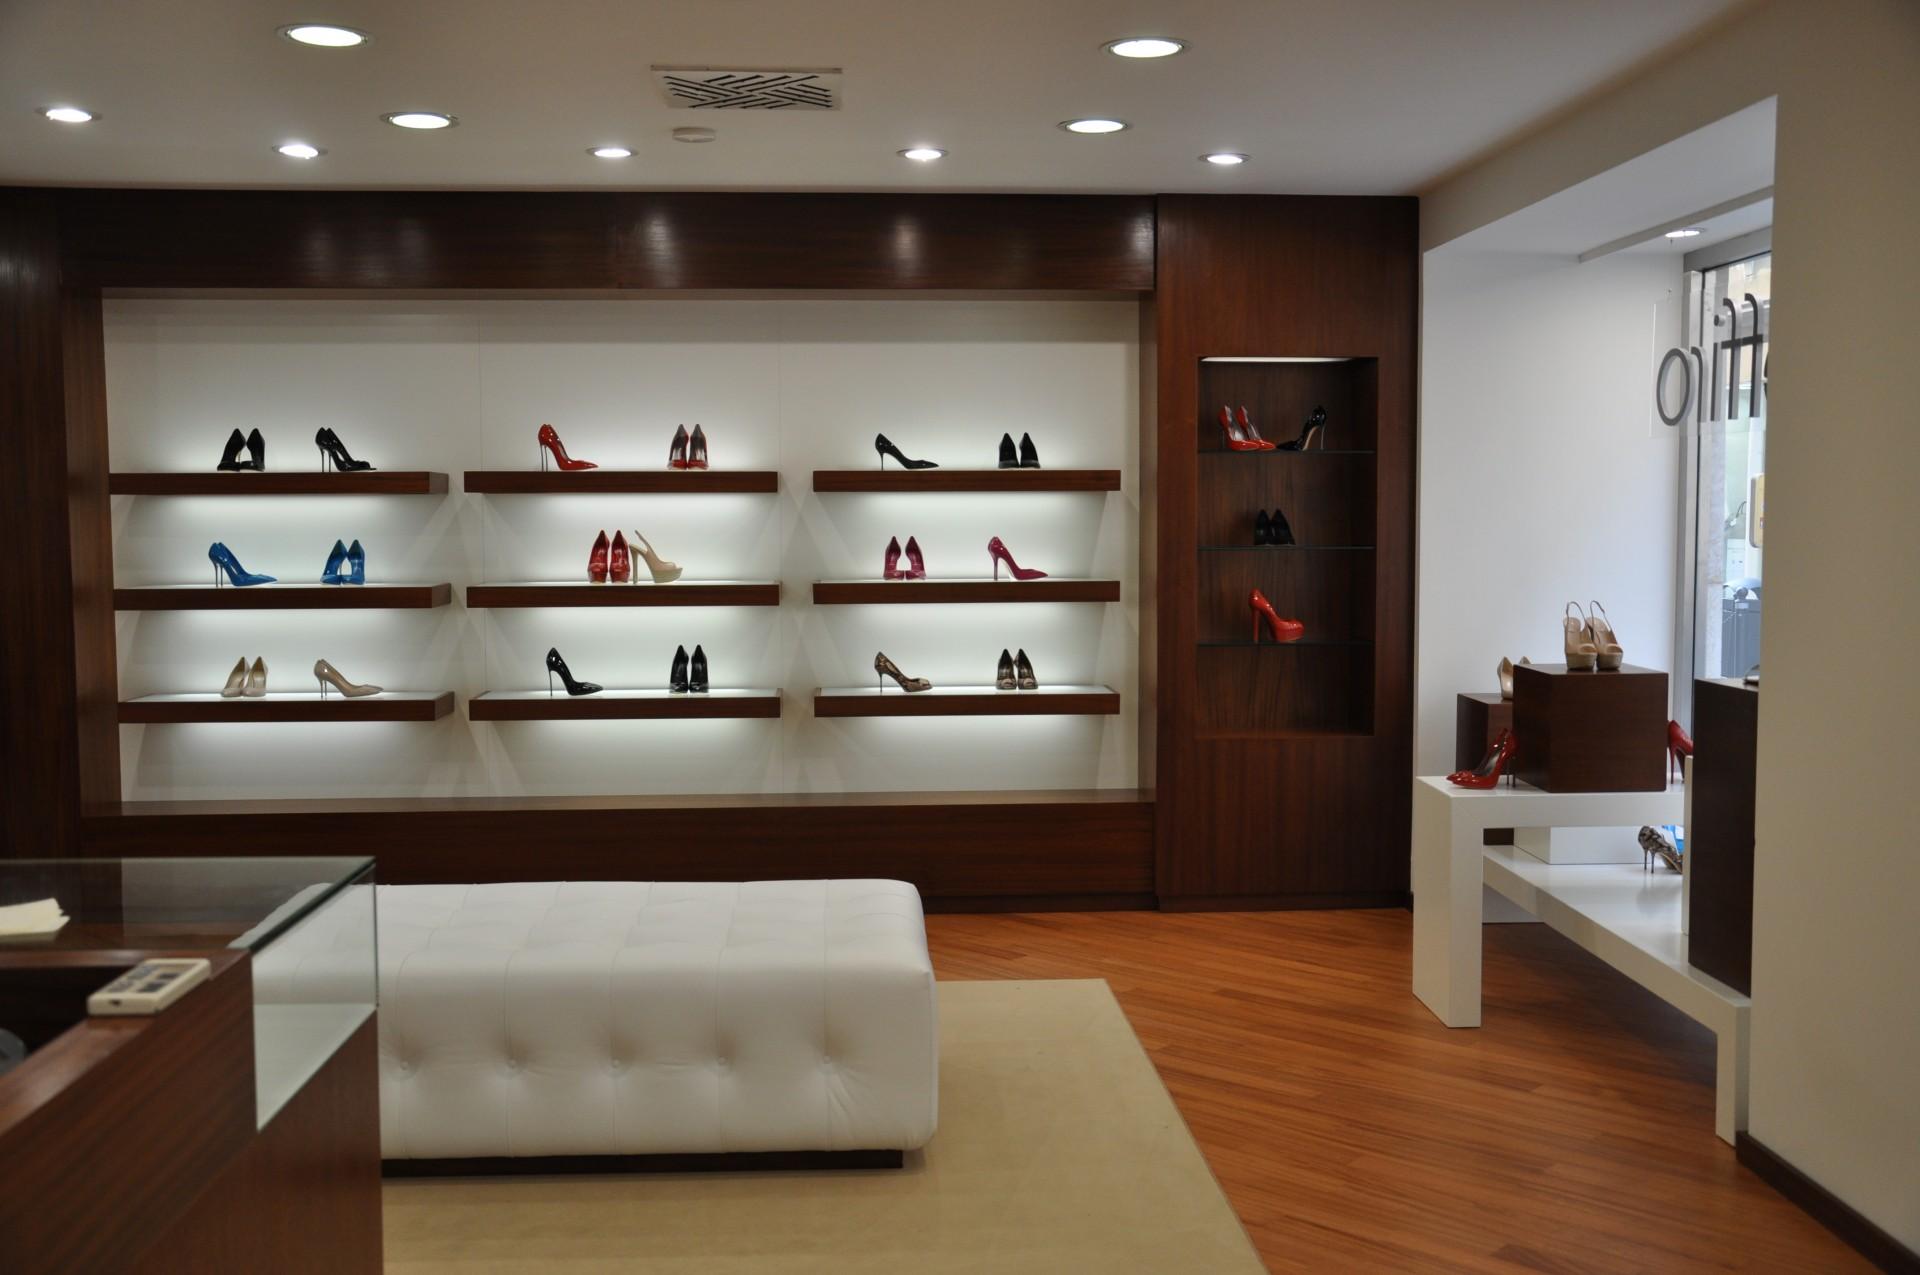 Arredamento per negozio in legno fadini mobili cerea verona for Negozi design